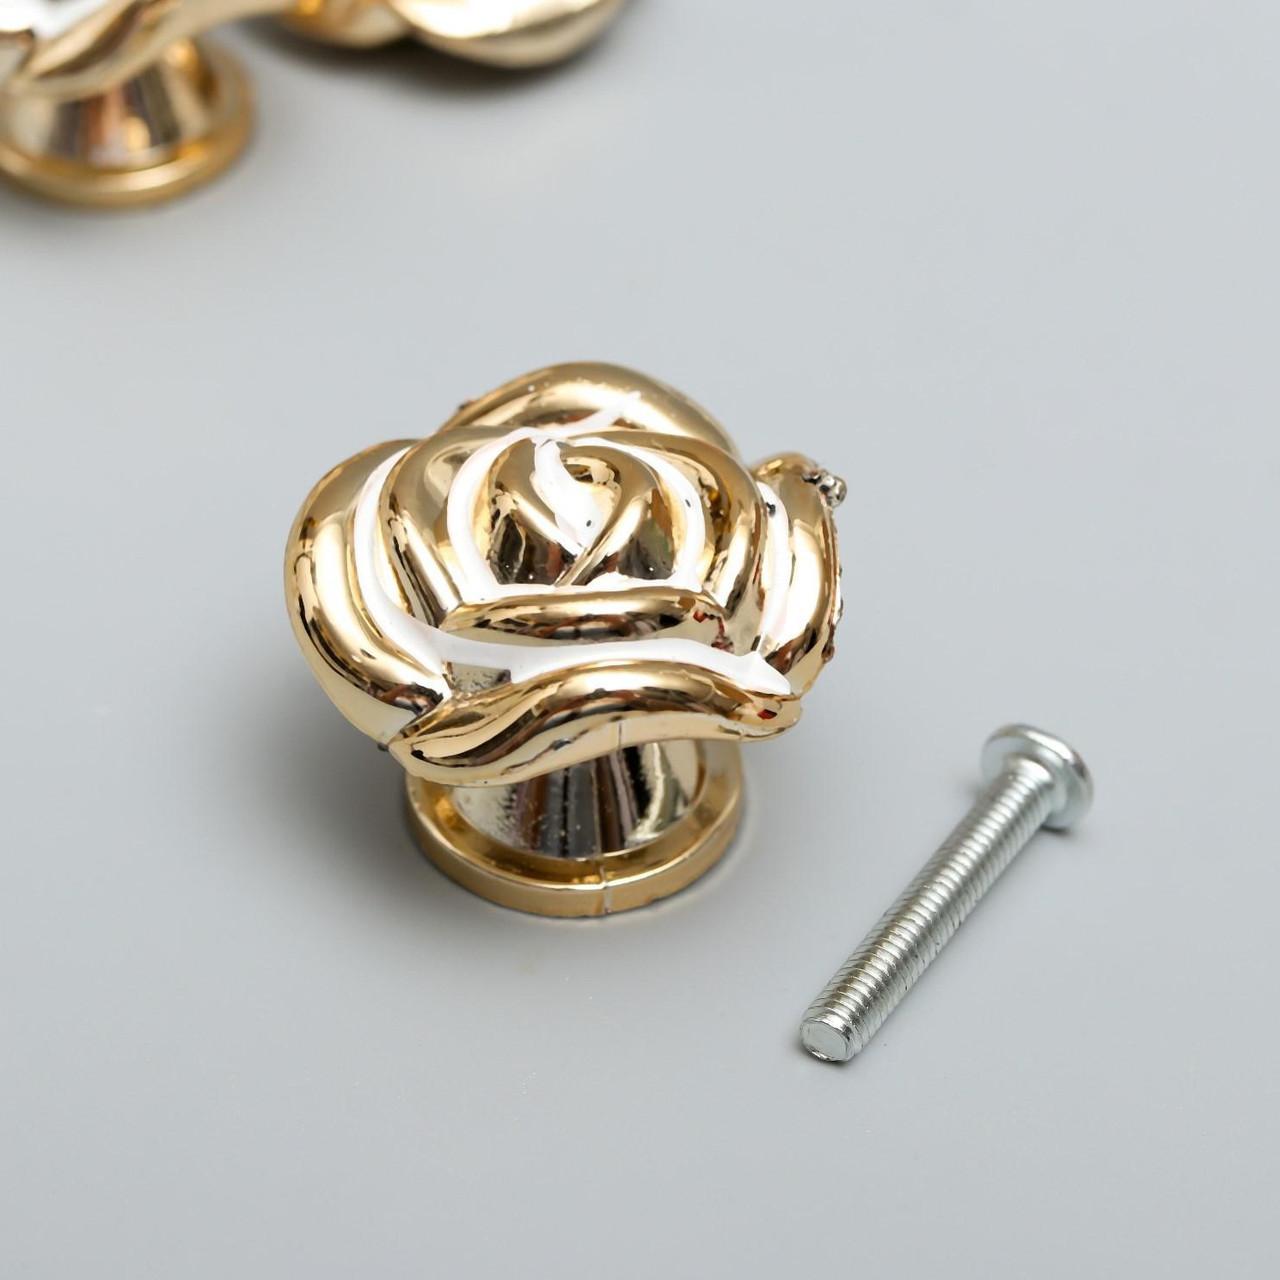 """Ручка для шкатулки пластик """"Роза"""" золото 2,6х3,3х3,3 см (3 штуки)"""